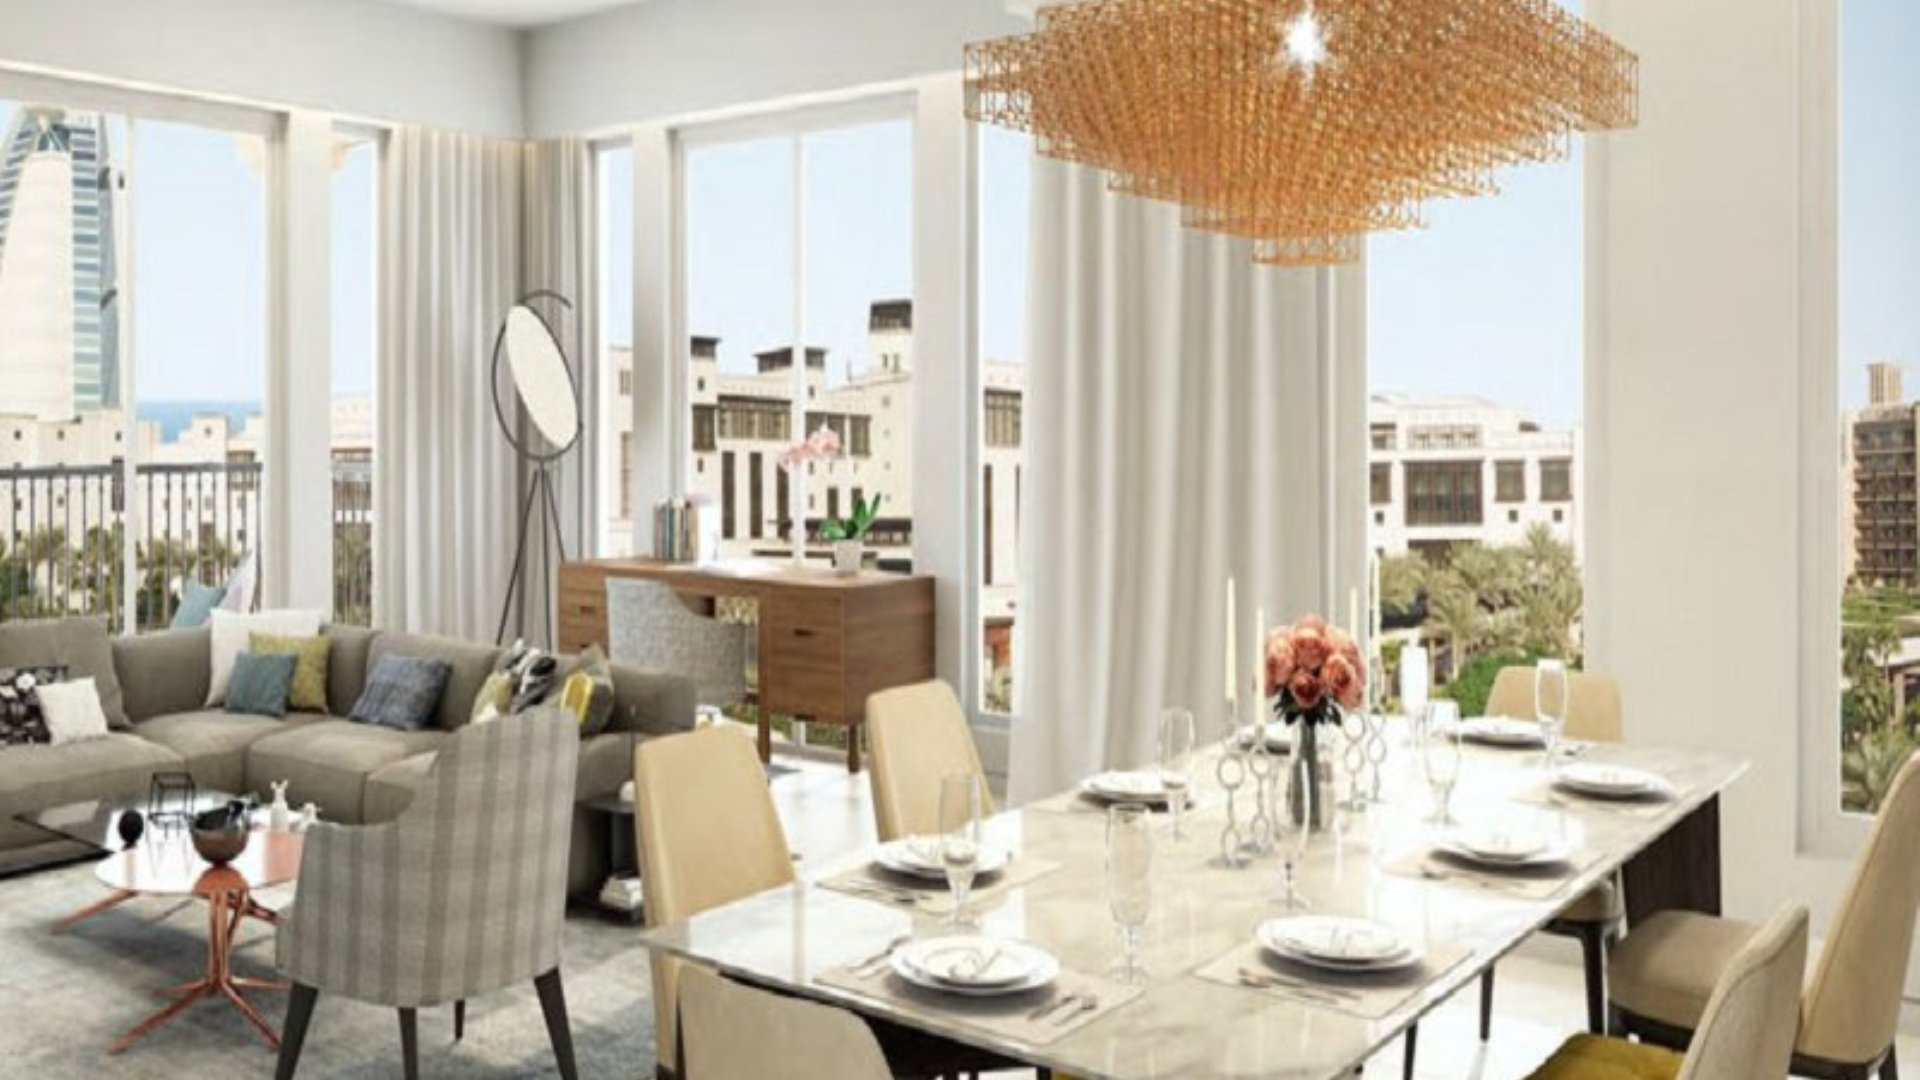 Apartment for sale in Dubai, UAE, 4 bedrooms, 284 m2, No. 24262 – photo 4